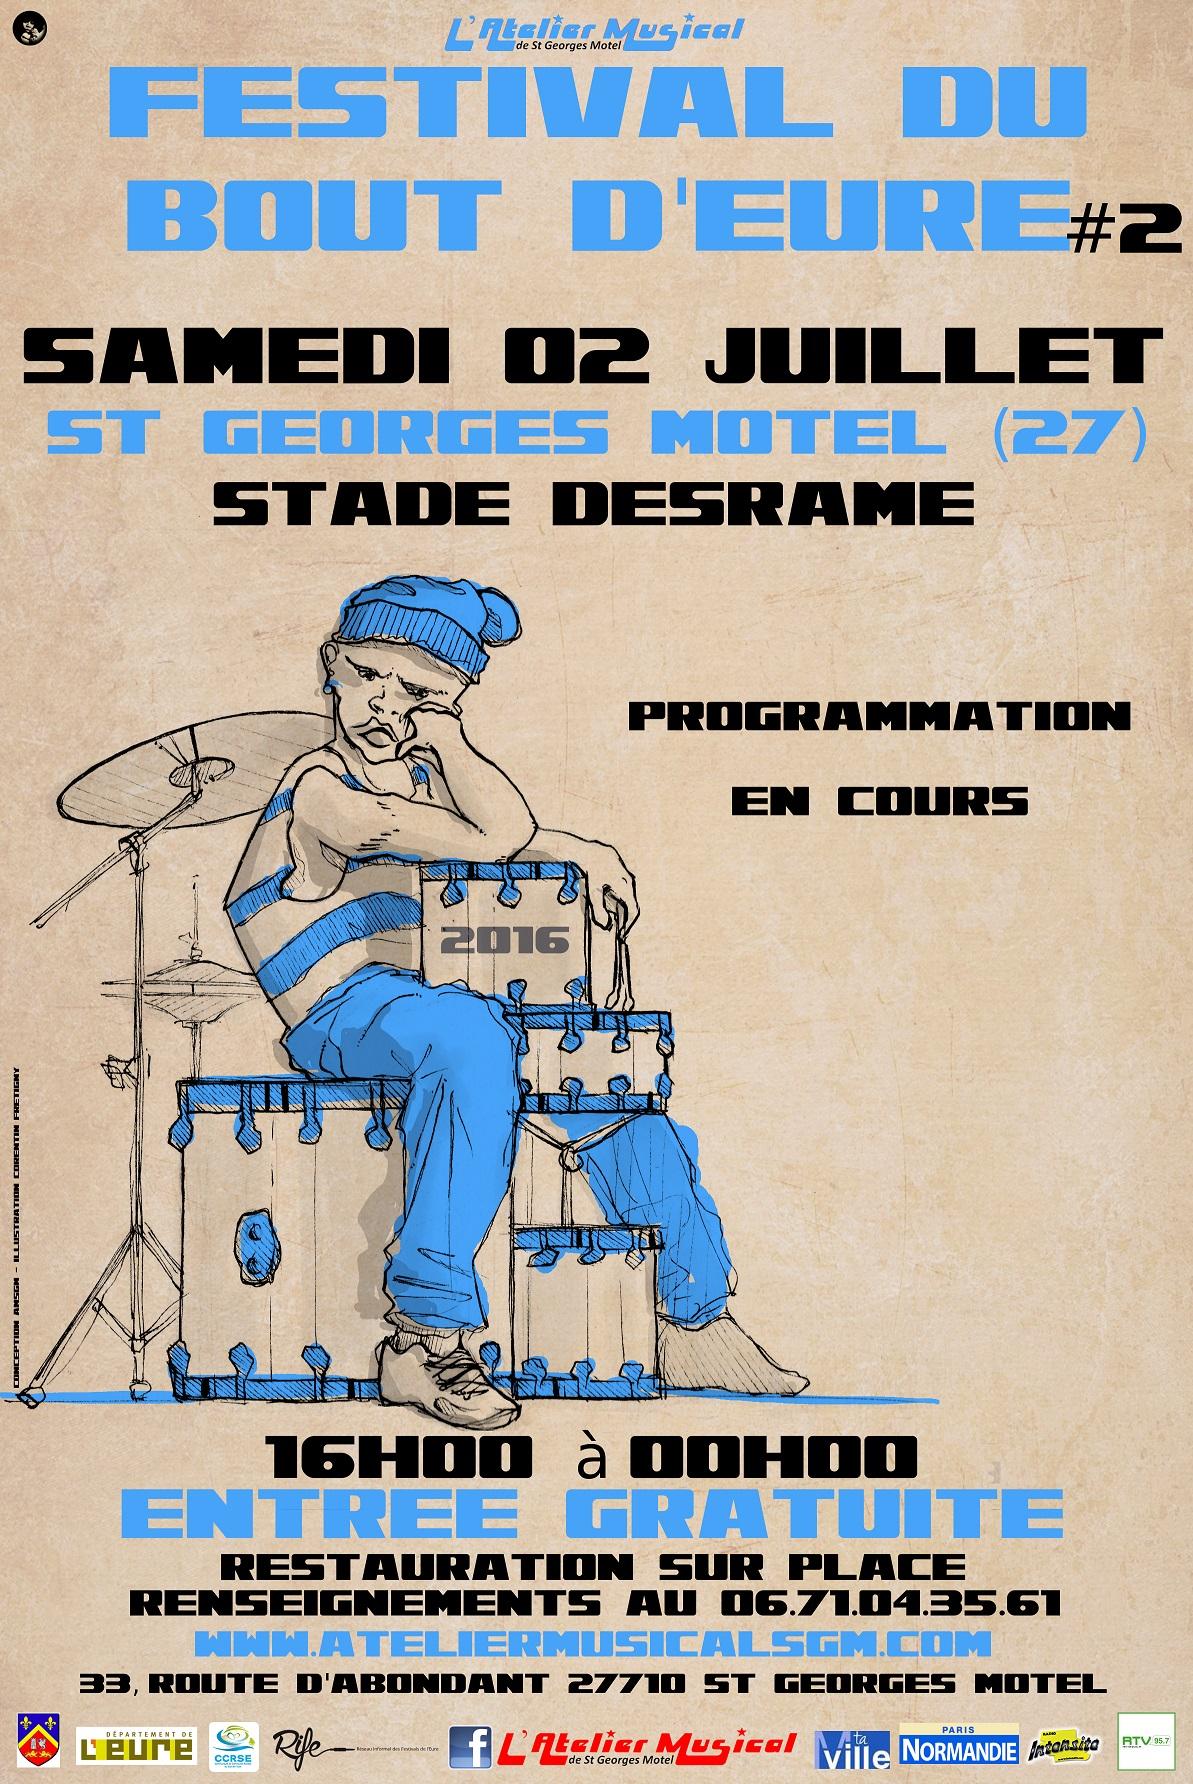 affiche-festival-du-bout-d-eure-2016-programmation-en-cours